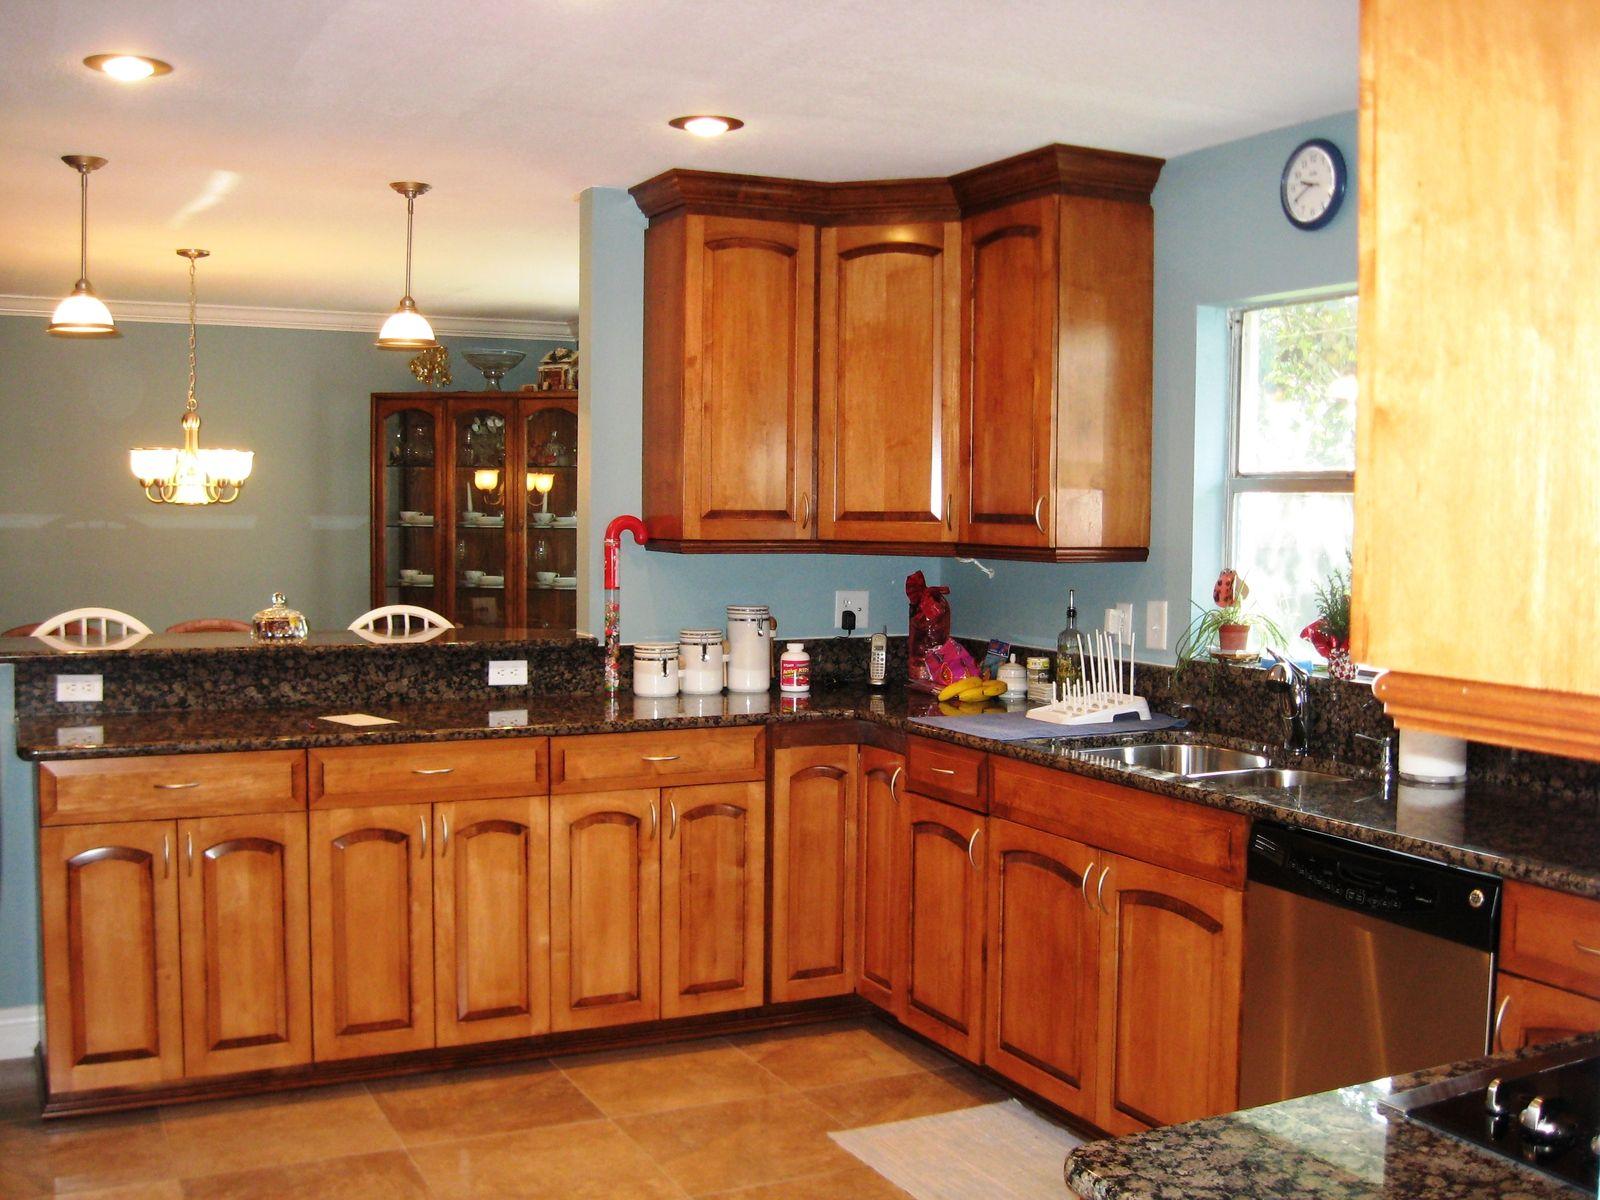 Handmade Maple Kitchen by Gideon's Cabinet & Trim ... on Maple Cabinets Kitchen Ideas  id=17518